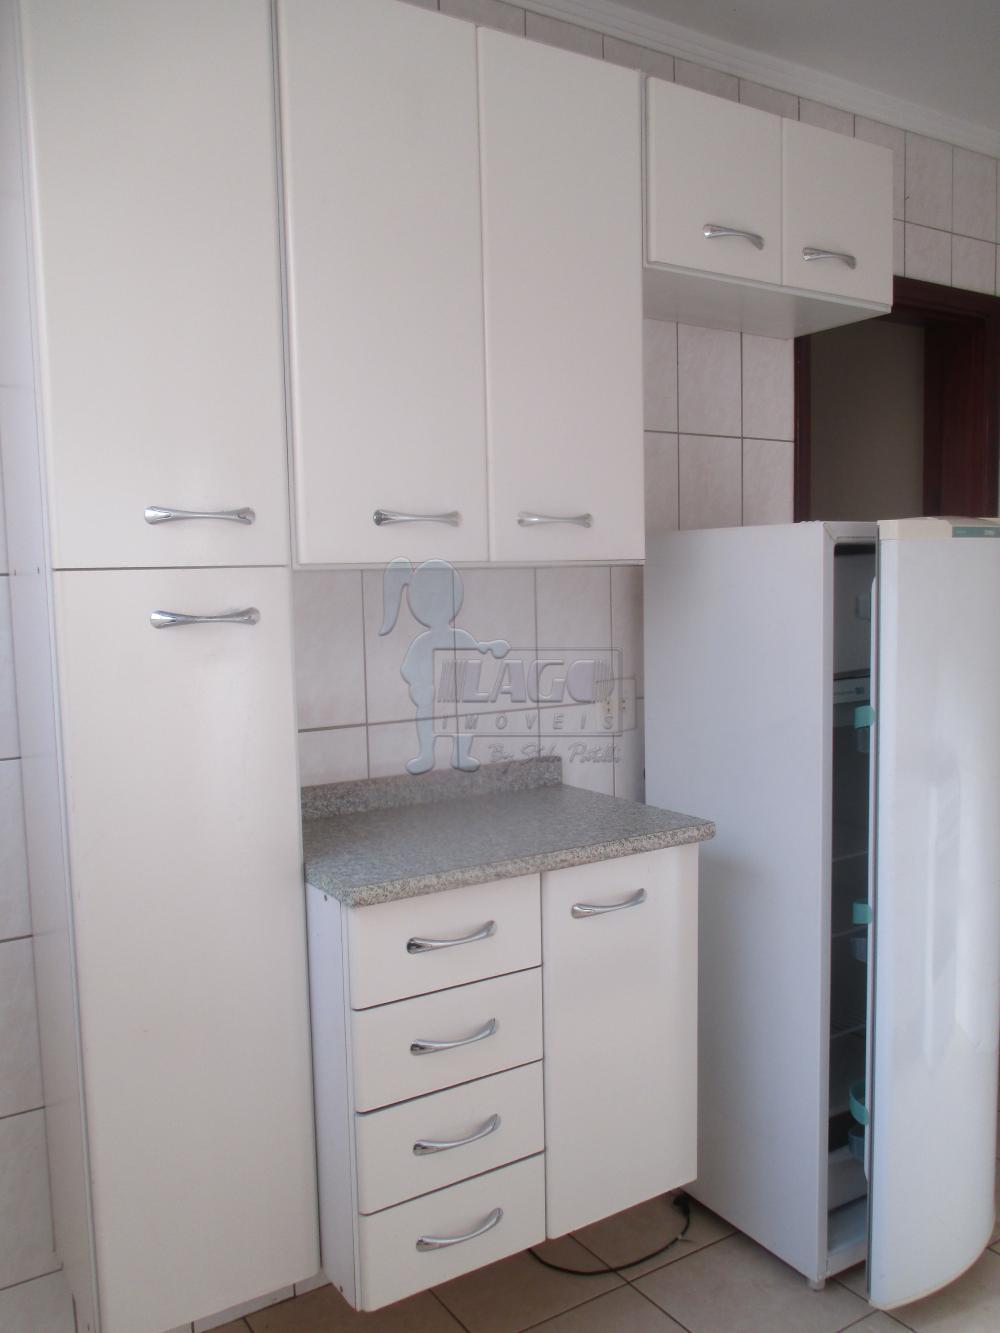 Alugar Apartamento / Mobiliado em Ribeirão Preto apenas R$ 700,00 - Foto 8